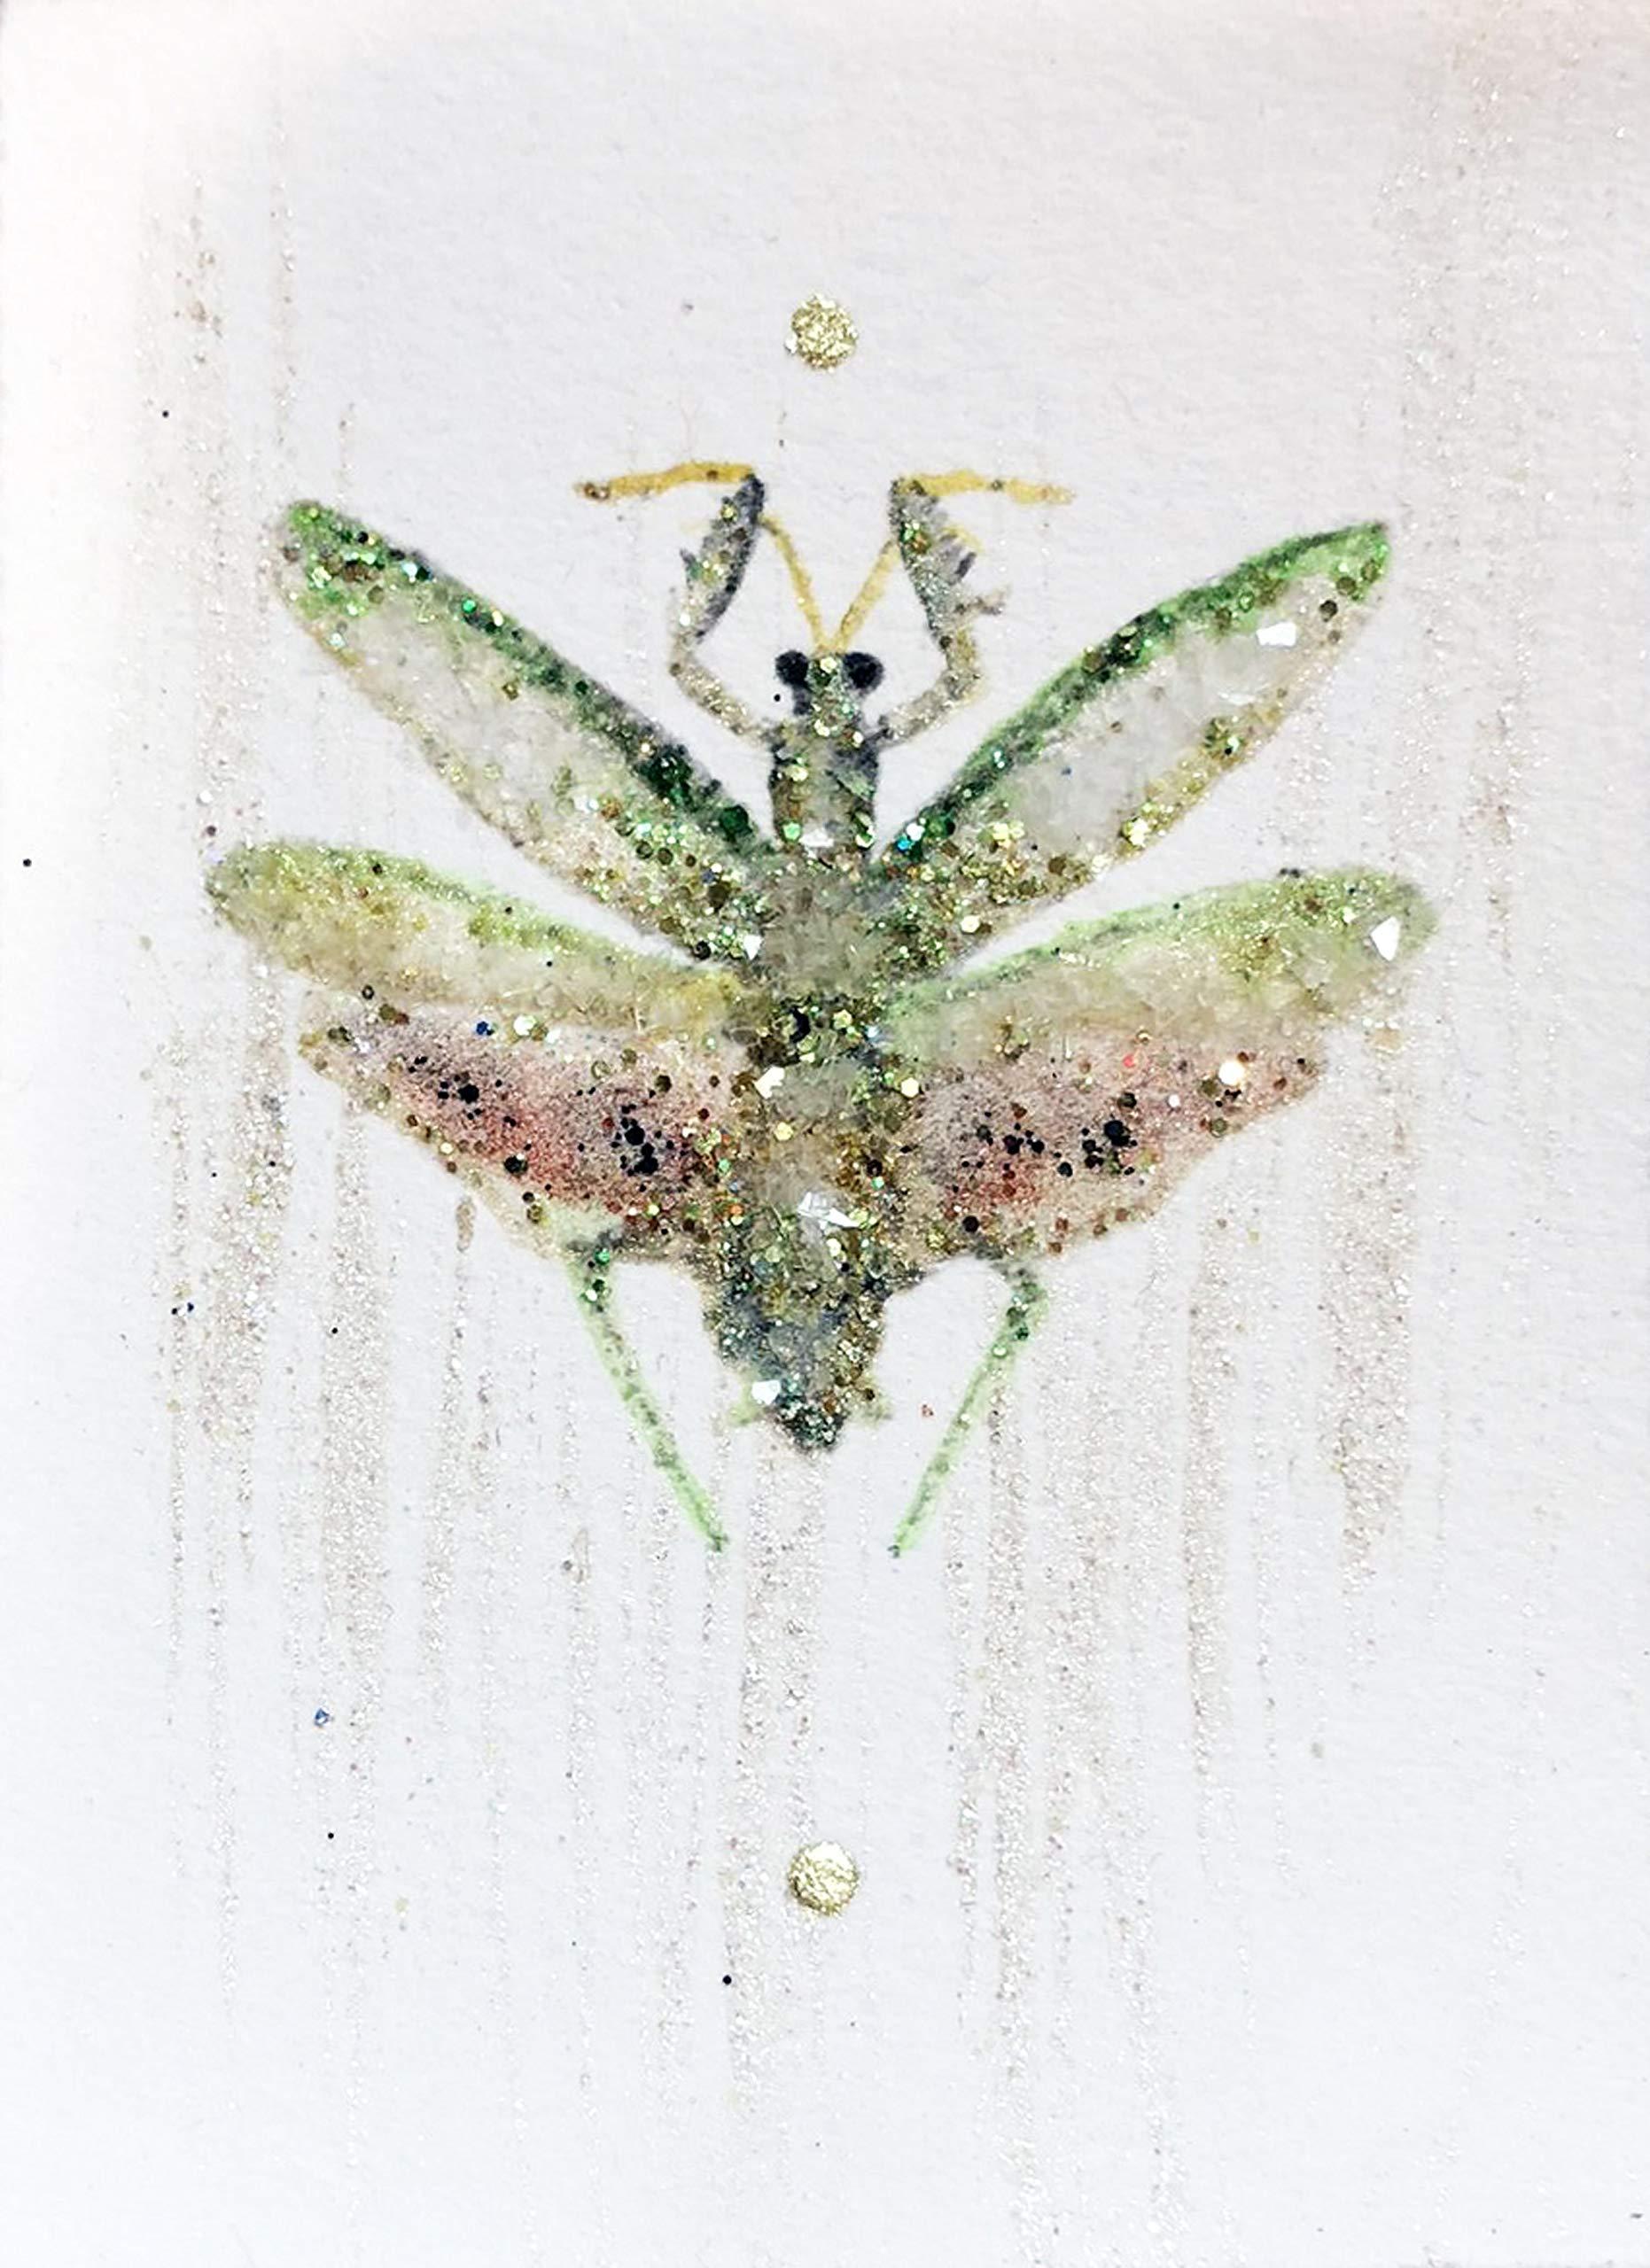 Praying Mantis by